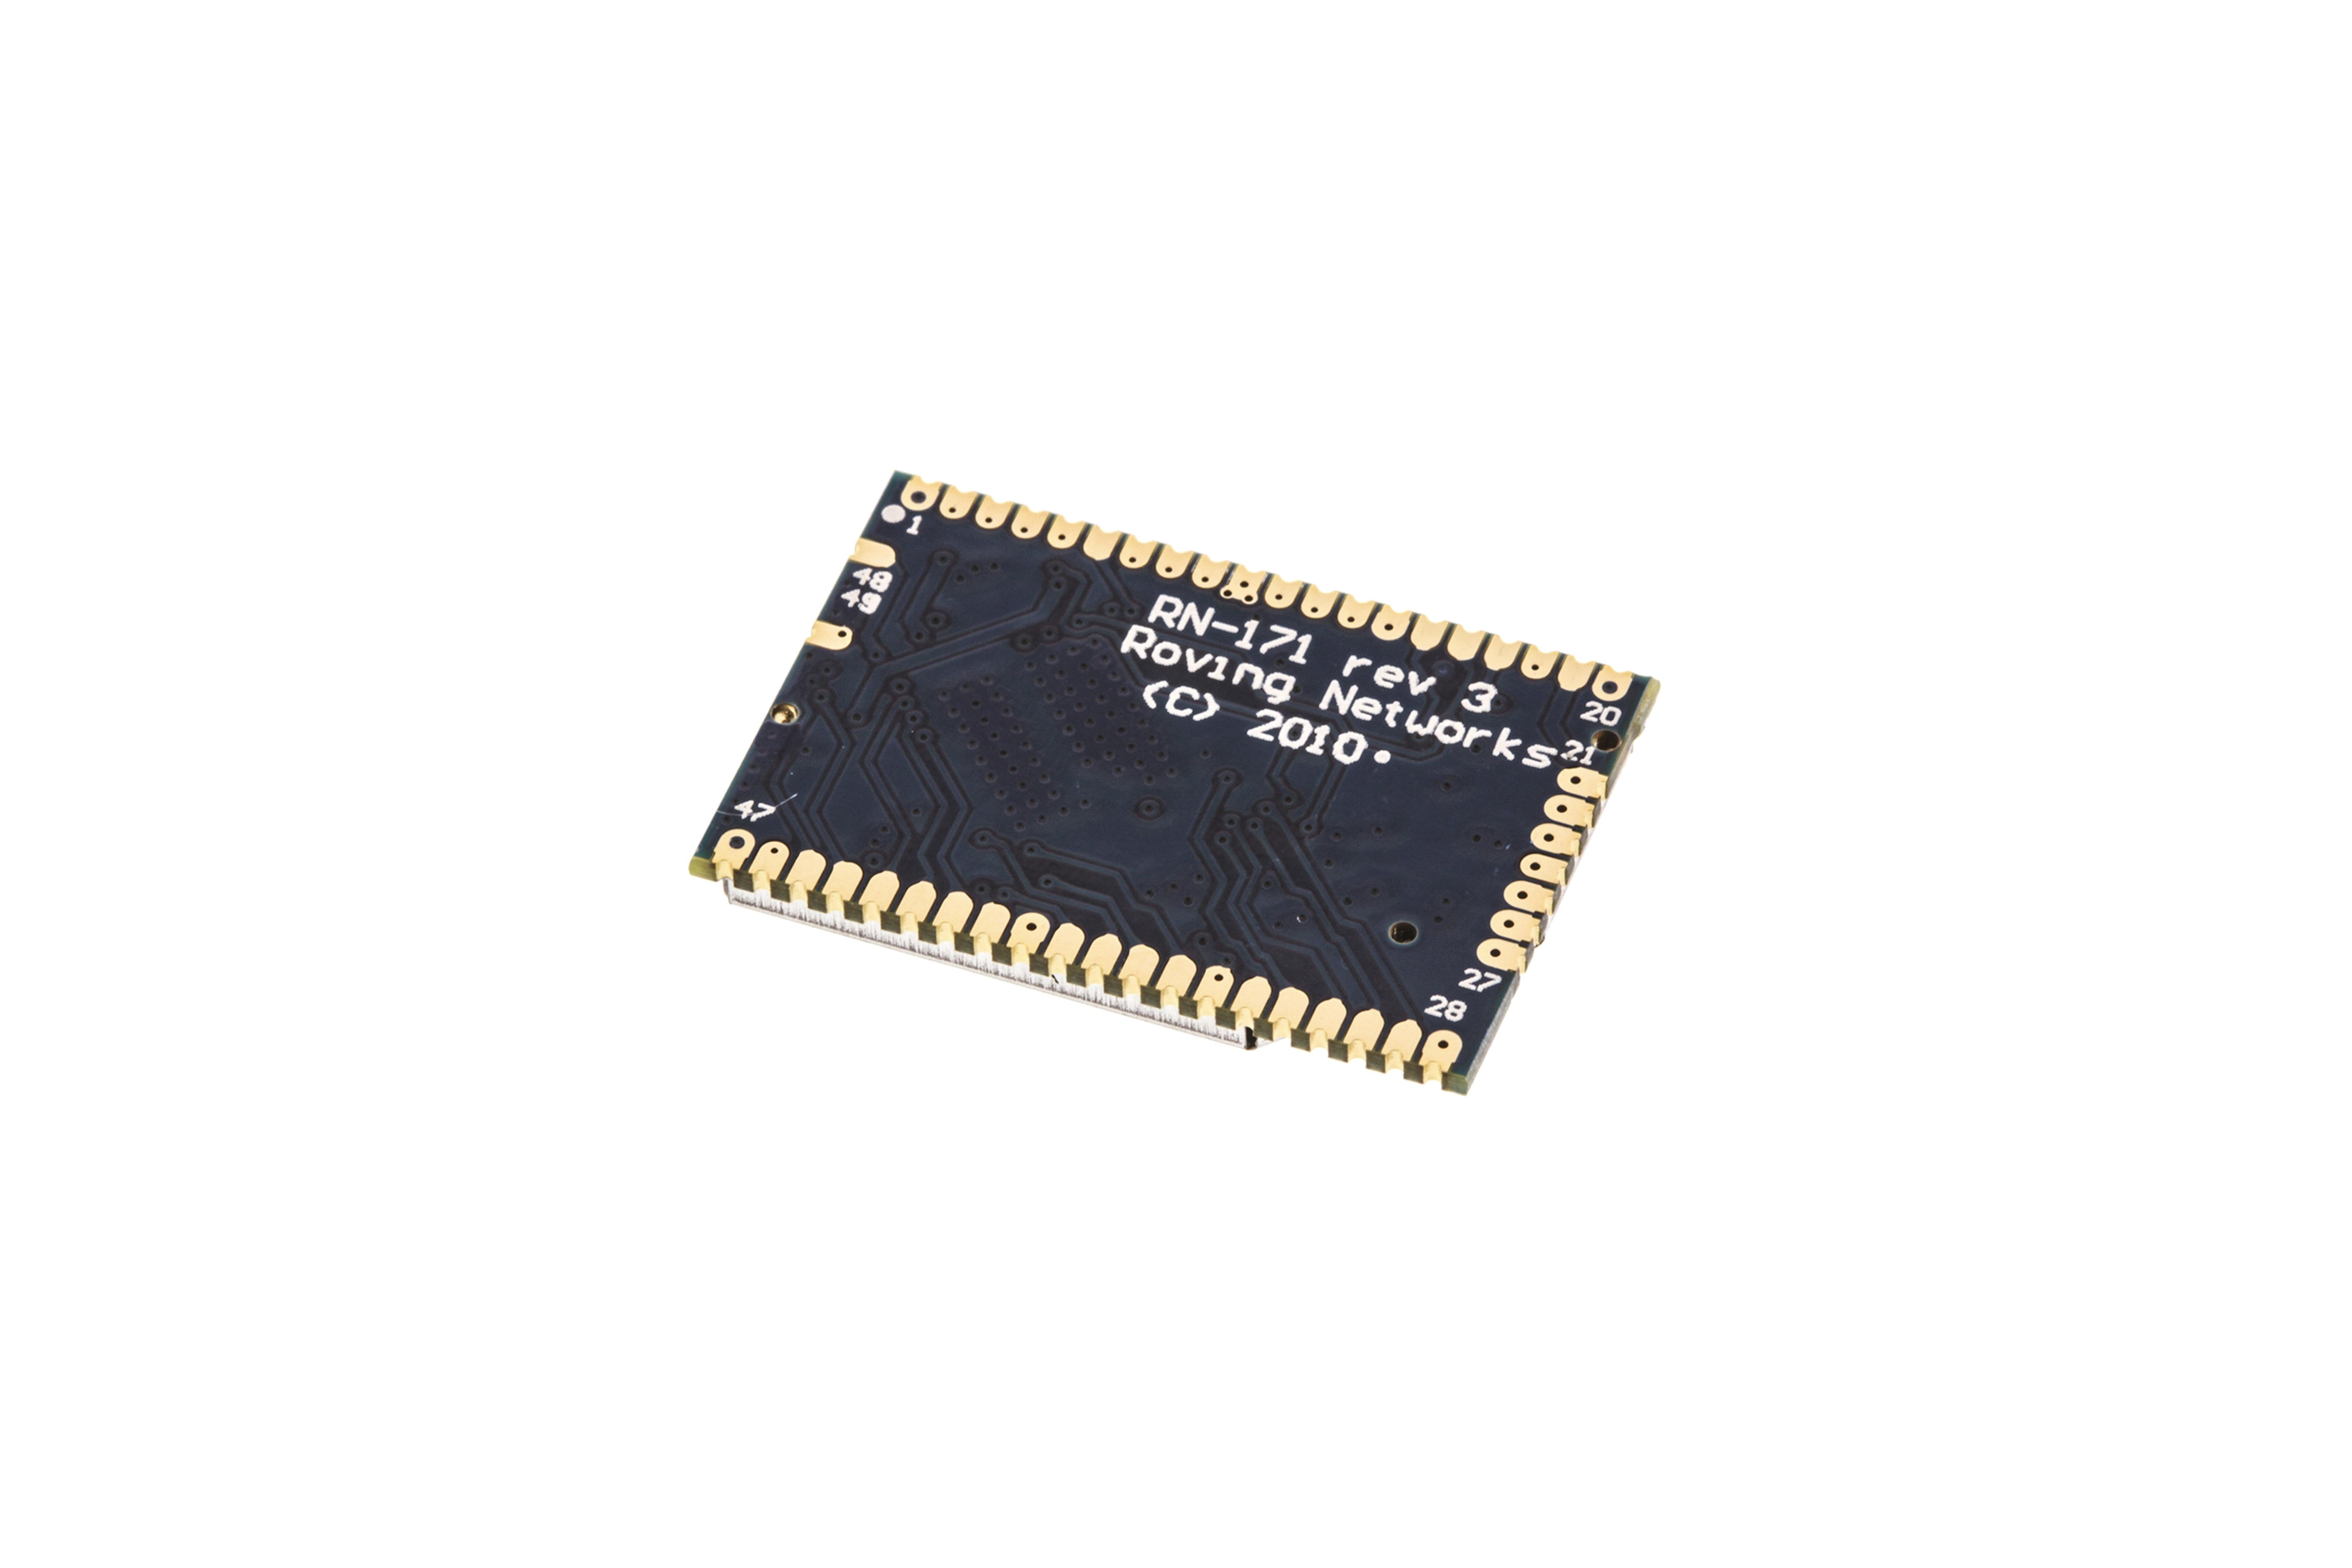 Modulo SMD WiFi 802.11 b/g con pad RF